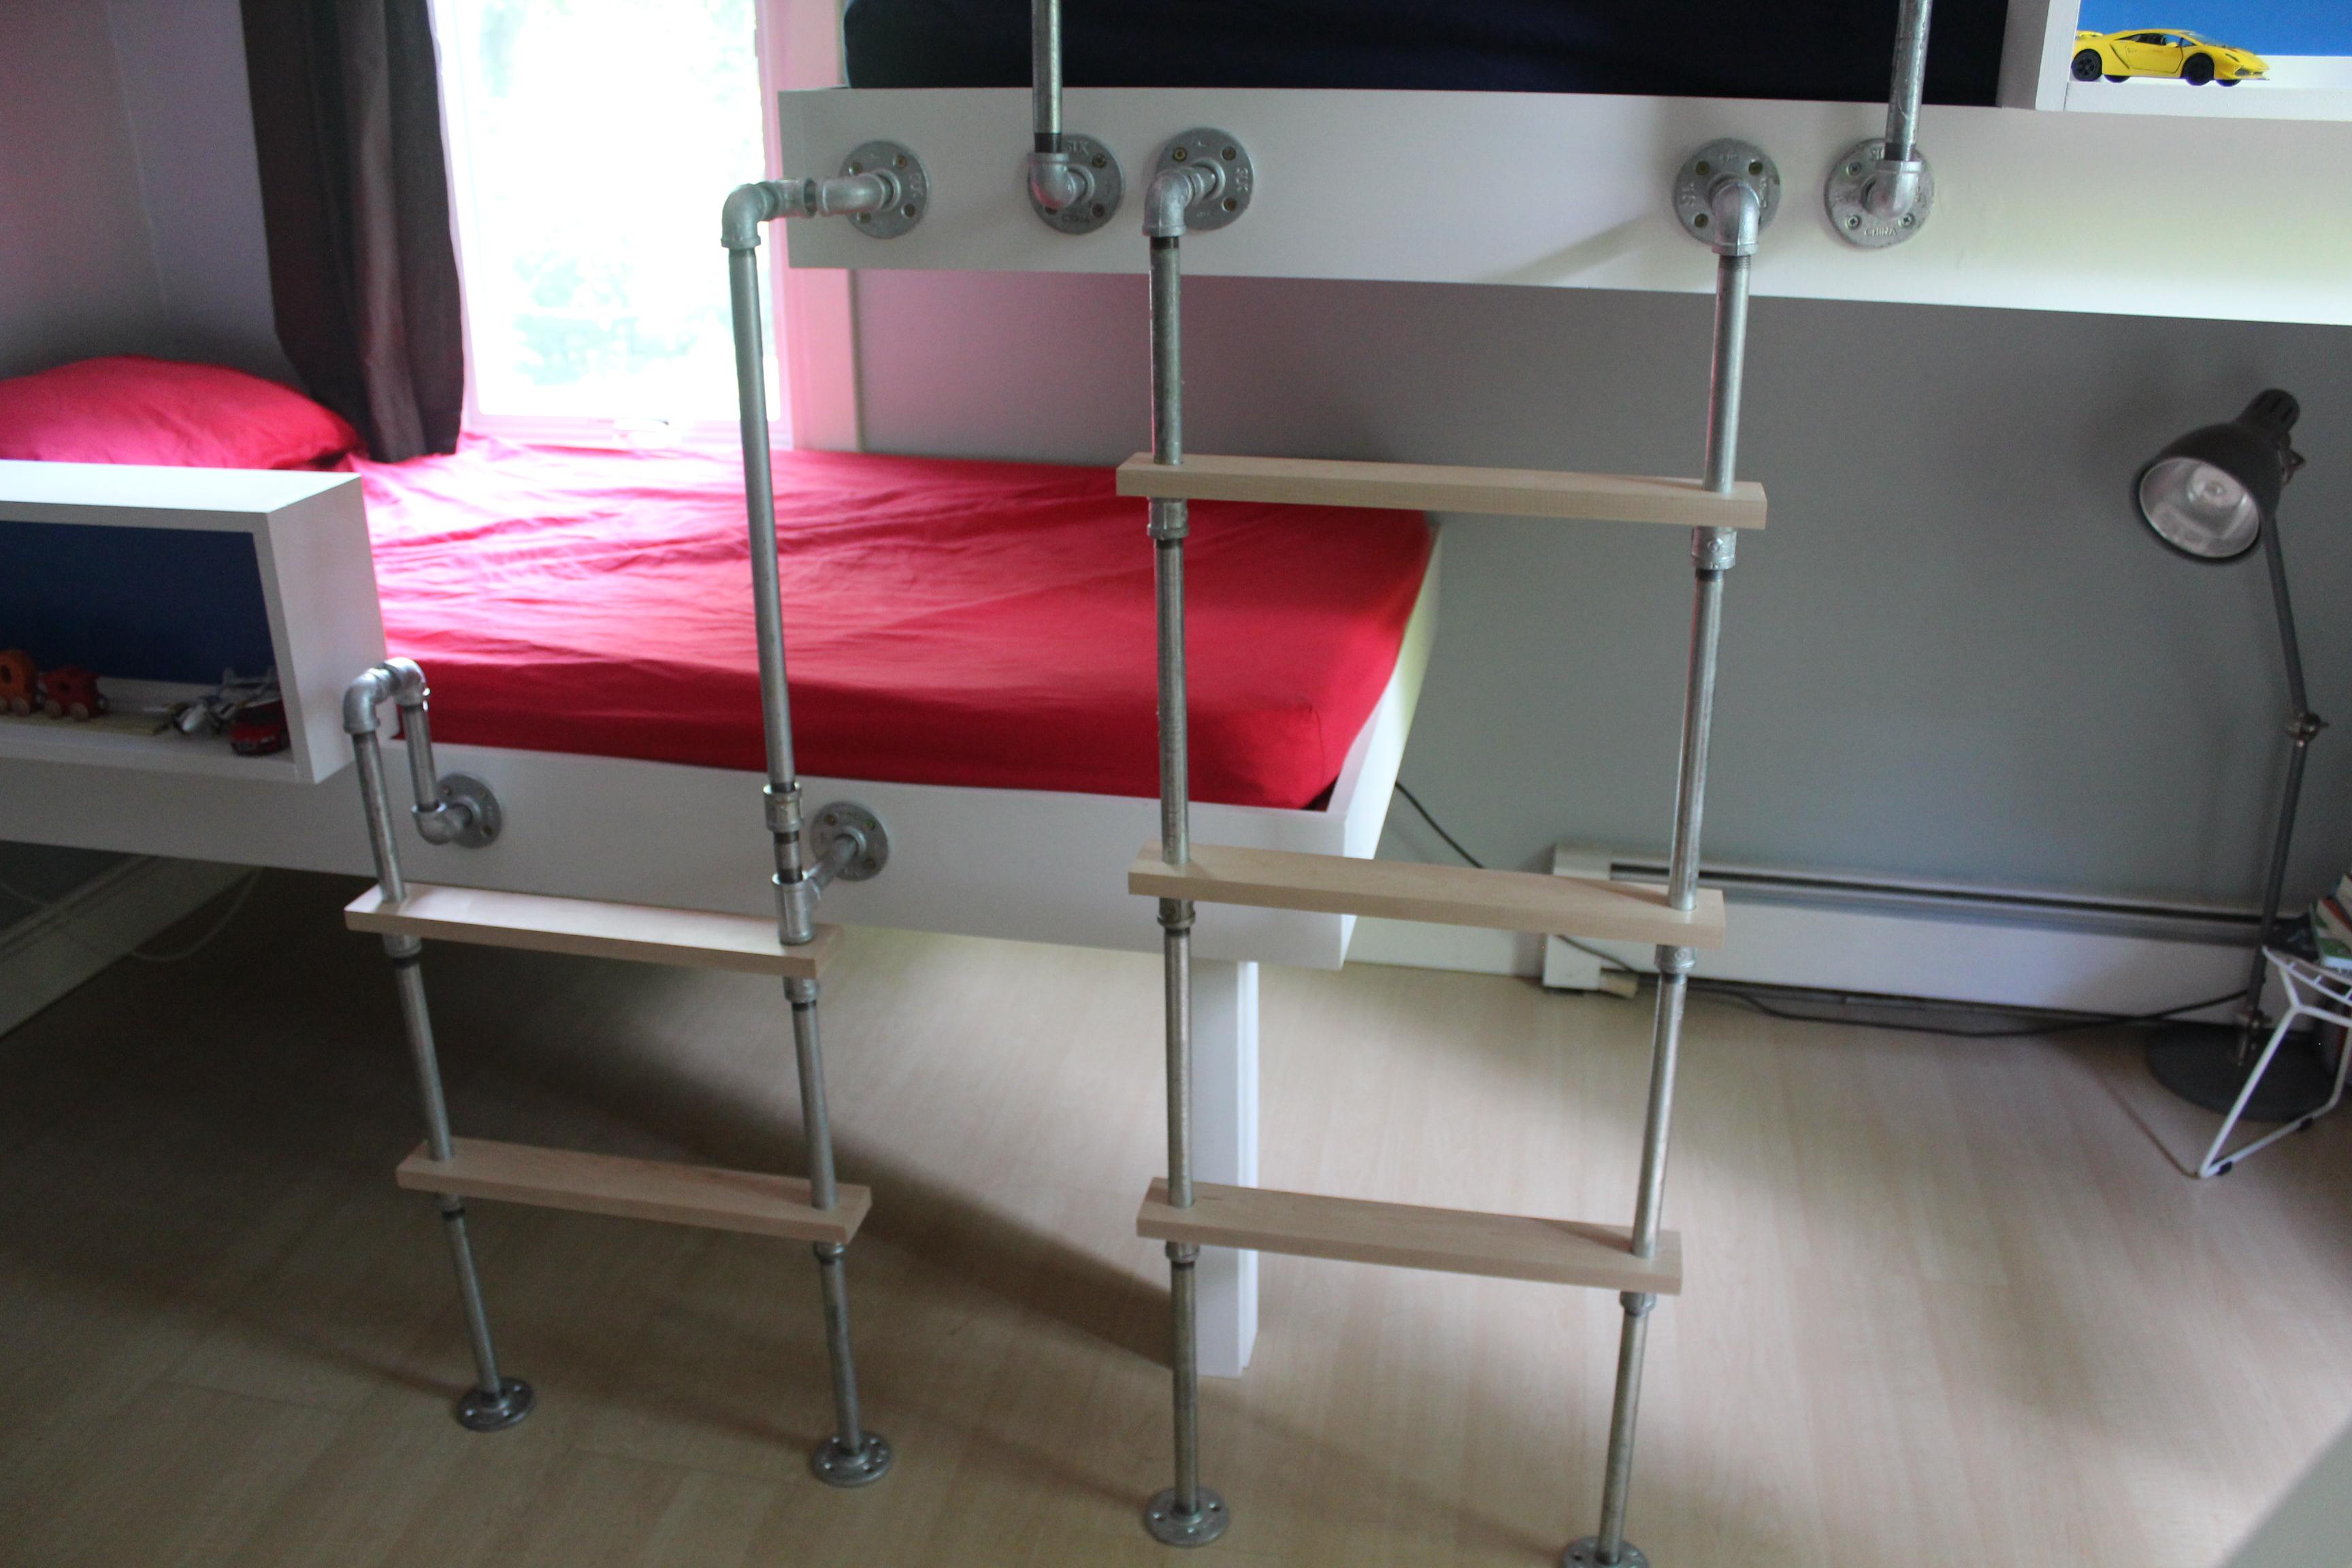 separate ladders